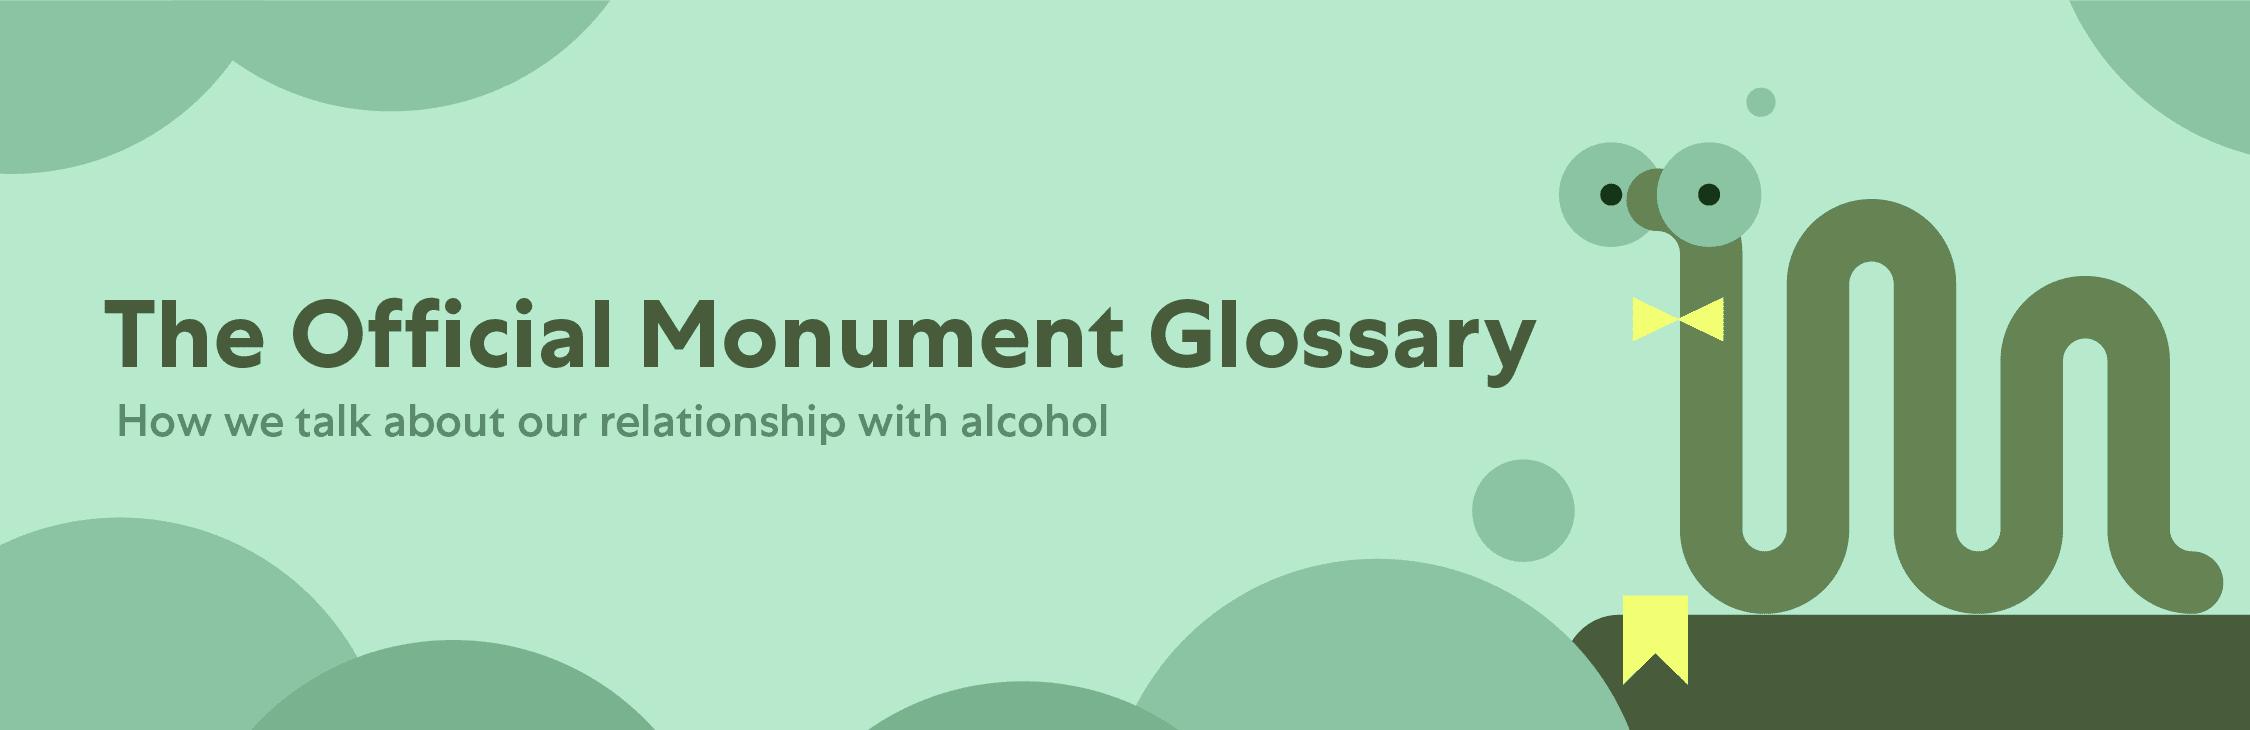 glossary header